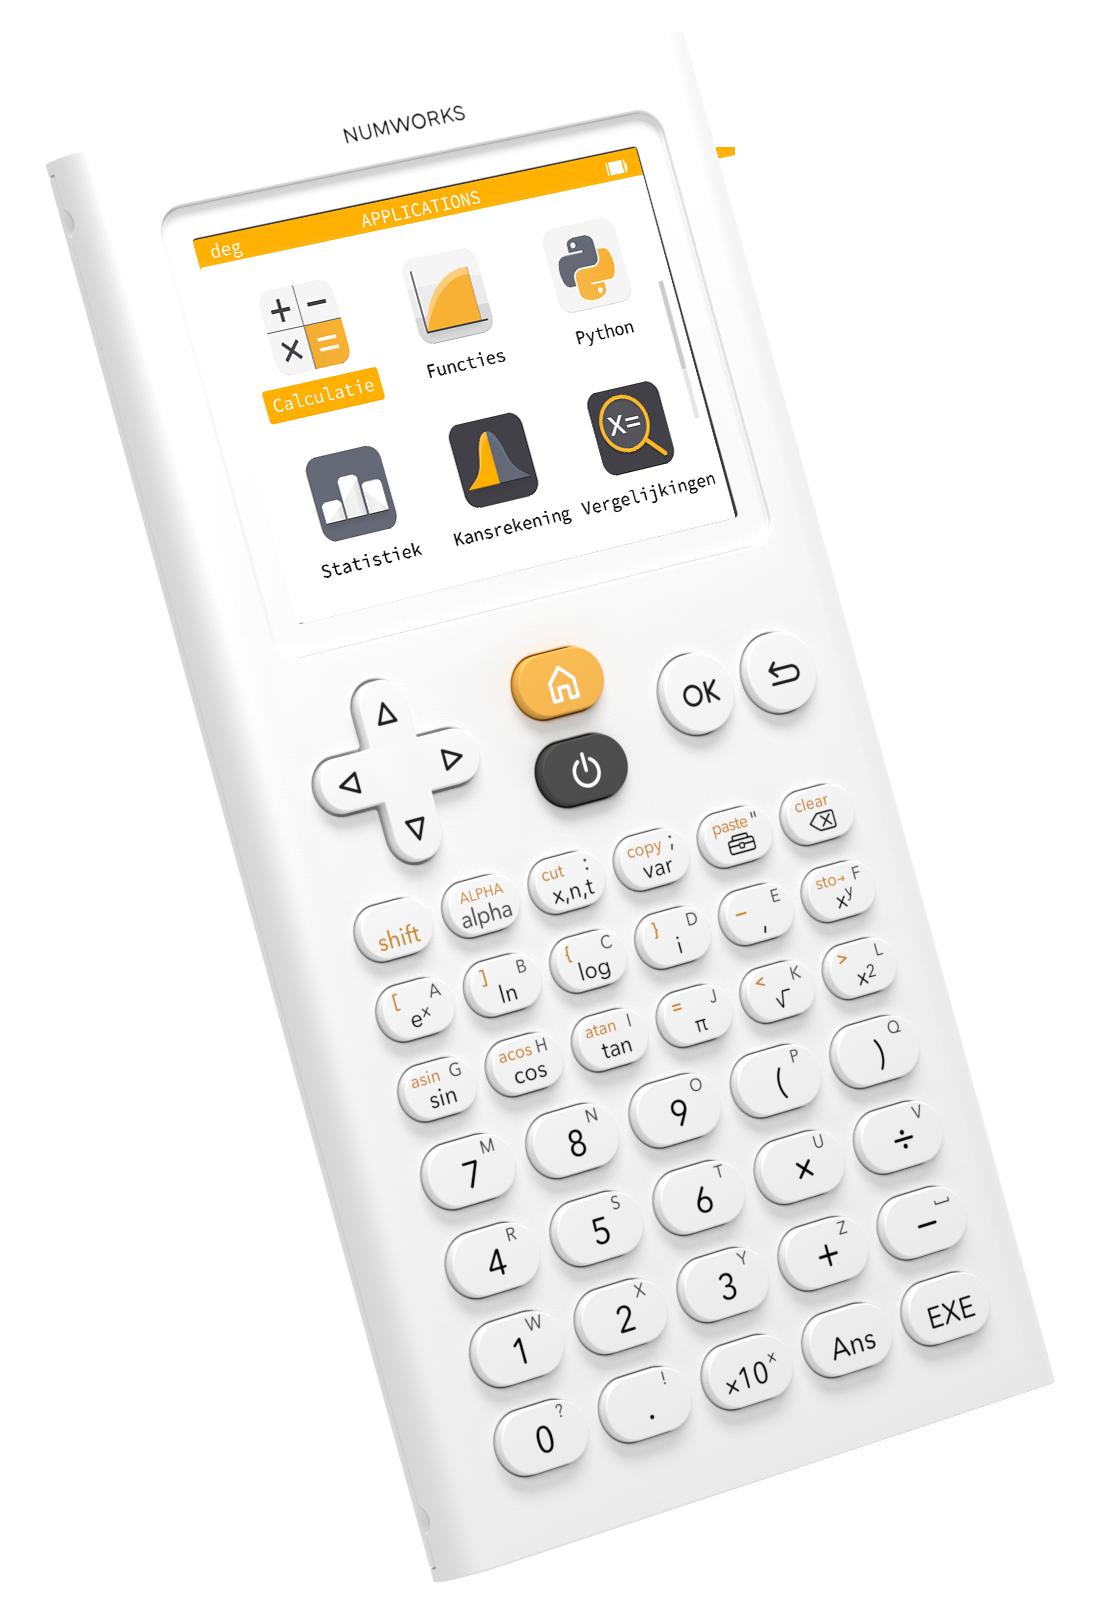 calculator productshot